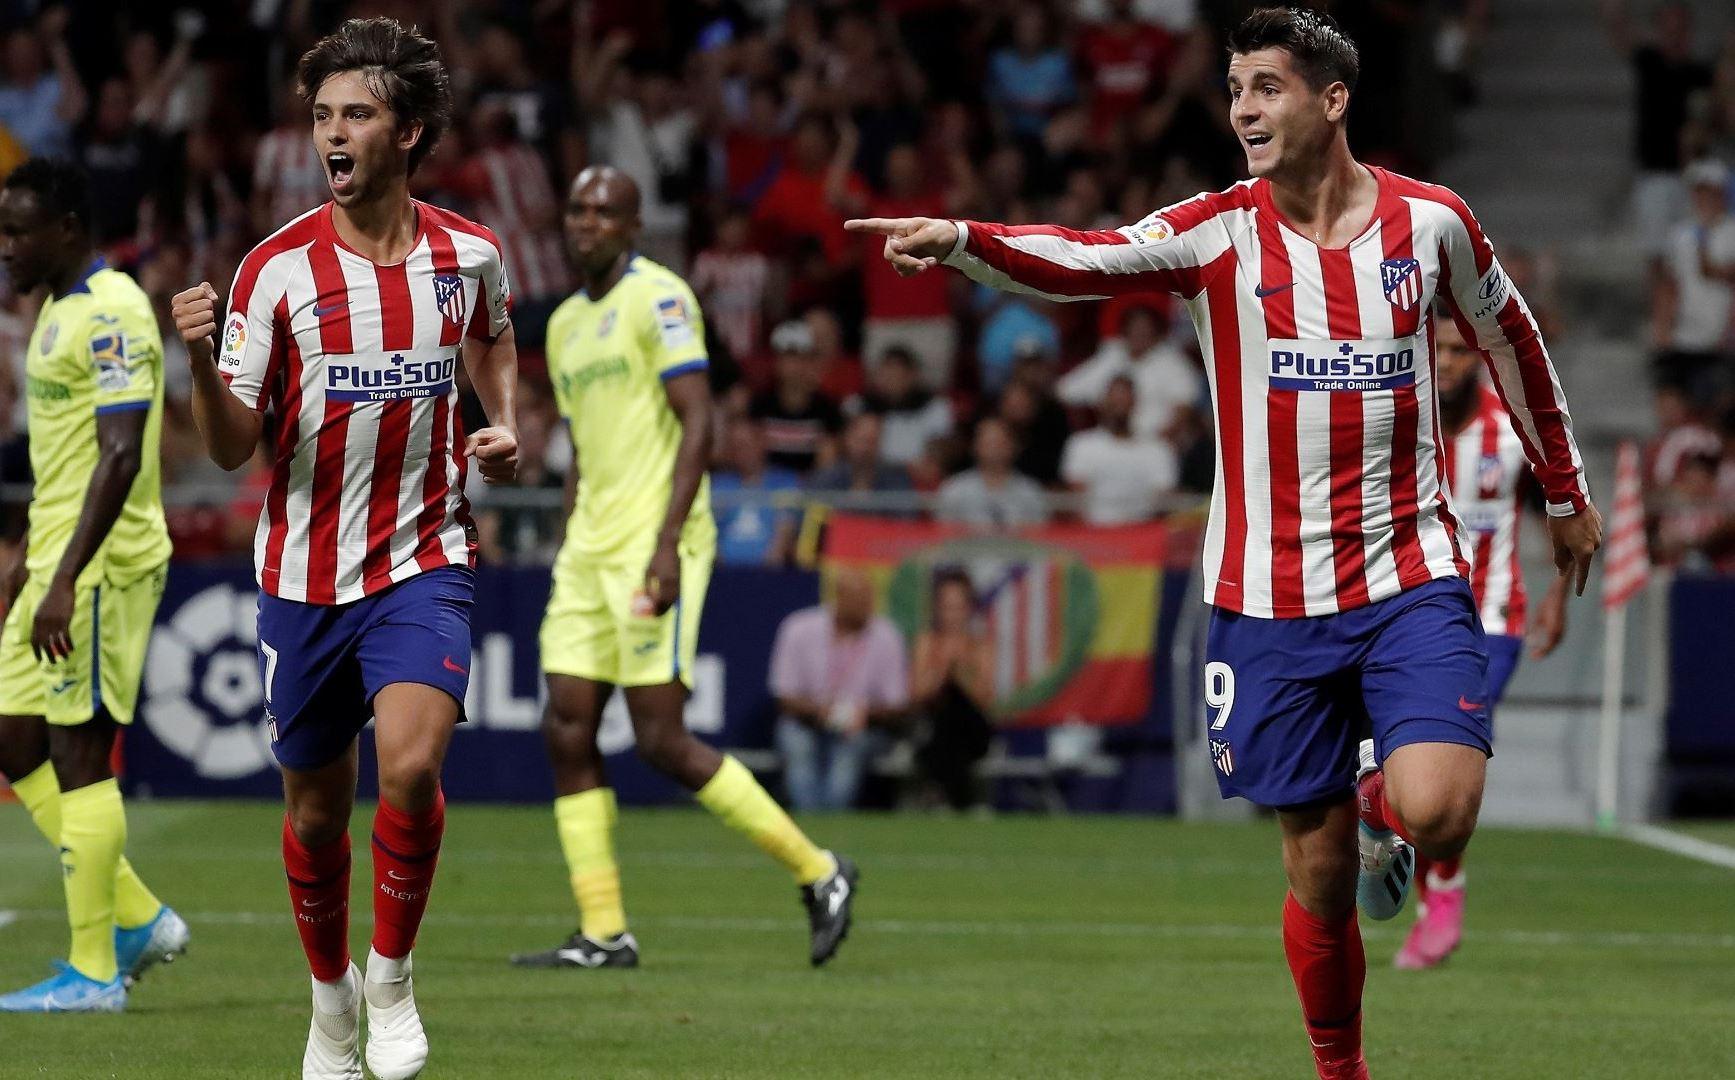 buy-atletico-madrid-football-tickets-footballticketnet.png (237.12 Kb)